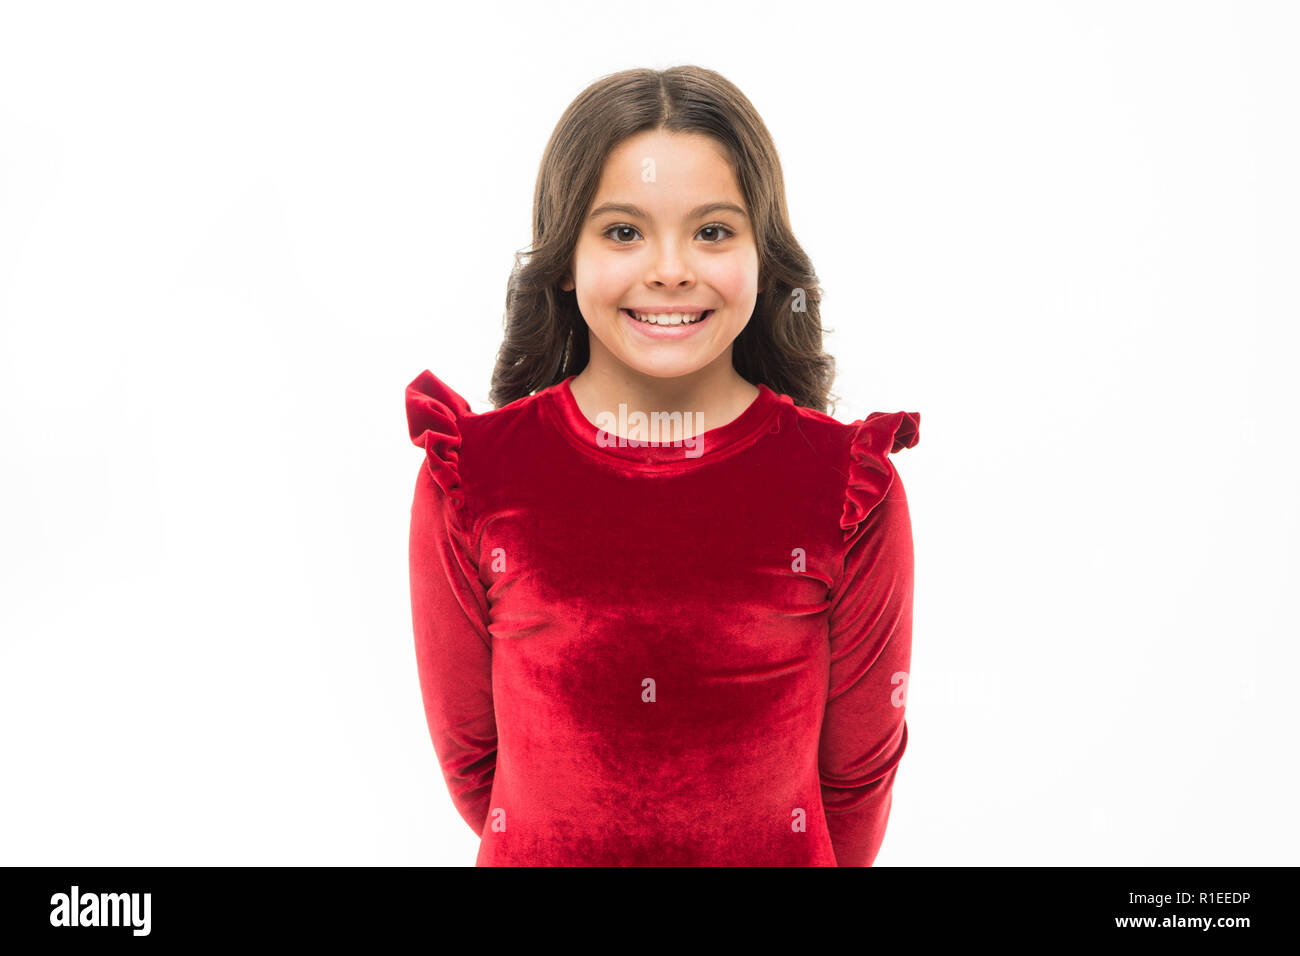 Mi sento così alla moda di vestiti eleganti. Il concetto di moda. Kid  adorabili sorridente in posa di velluto rosso vestito. Moda per bambini.  Ragazza ... f7ccca32604